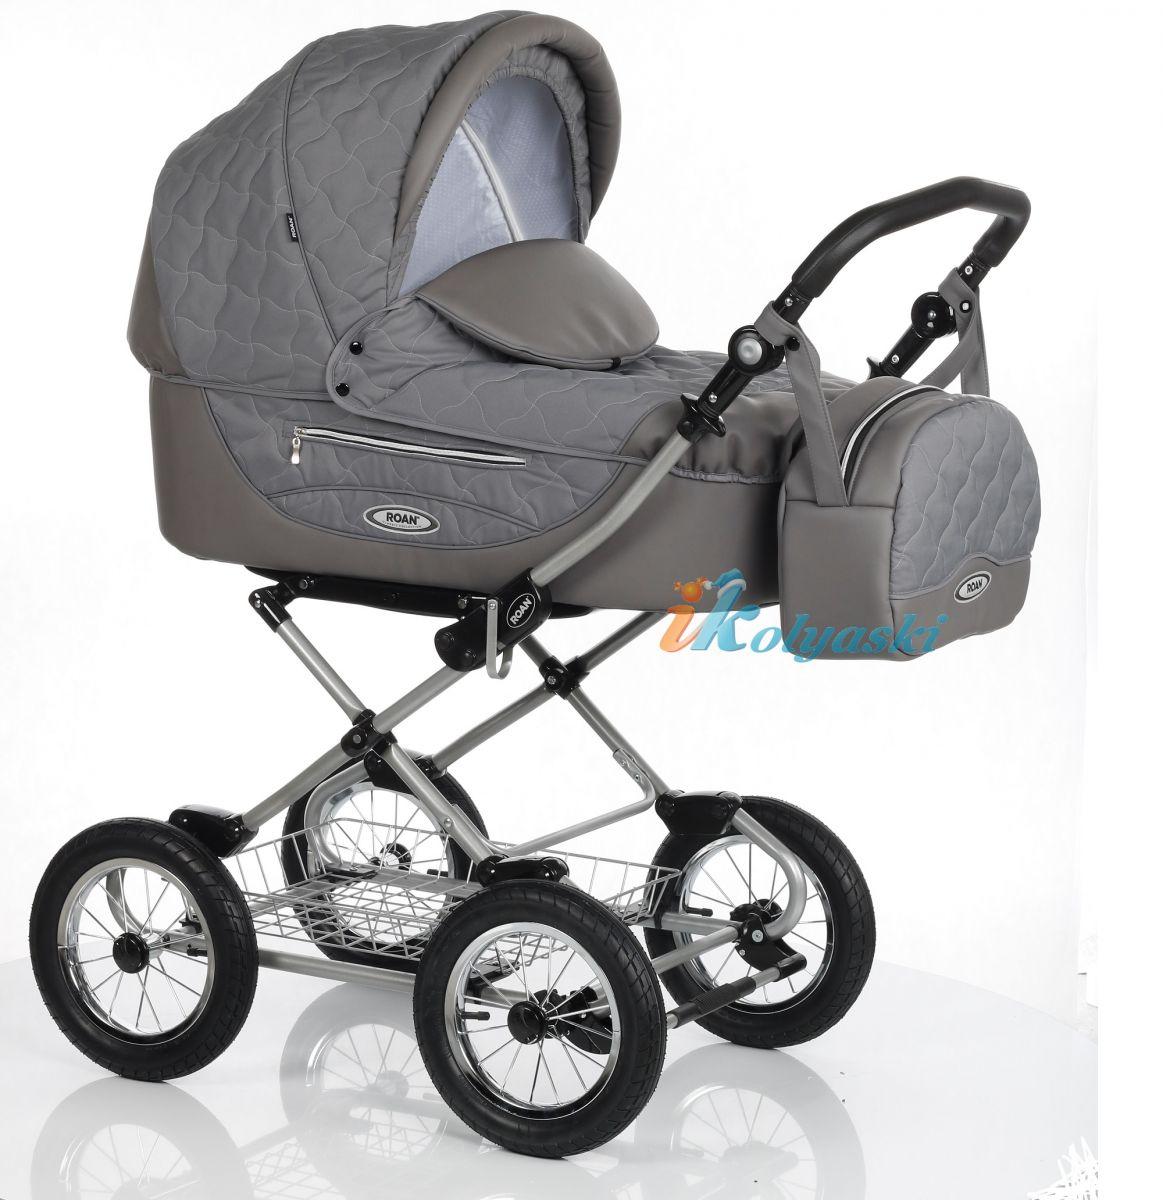 Детская коляска Roan Kortina Luxe Роан Кортина люкс 2018 спальная люлька 3 в 1 , коляска для новорожденных, коляска зима-лето.  roan kortina, roan cortina, Детская коляска Roan Kortina Luxe, коляска Роан Кортина люкс 2018, коляска спальная, коляска  люлька, коляска 3 в 1, коляска для новорожденных, роан кортина, коляска роан кортина, коляска roan cortina, цвет 204-SK